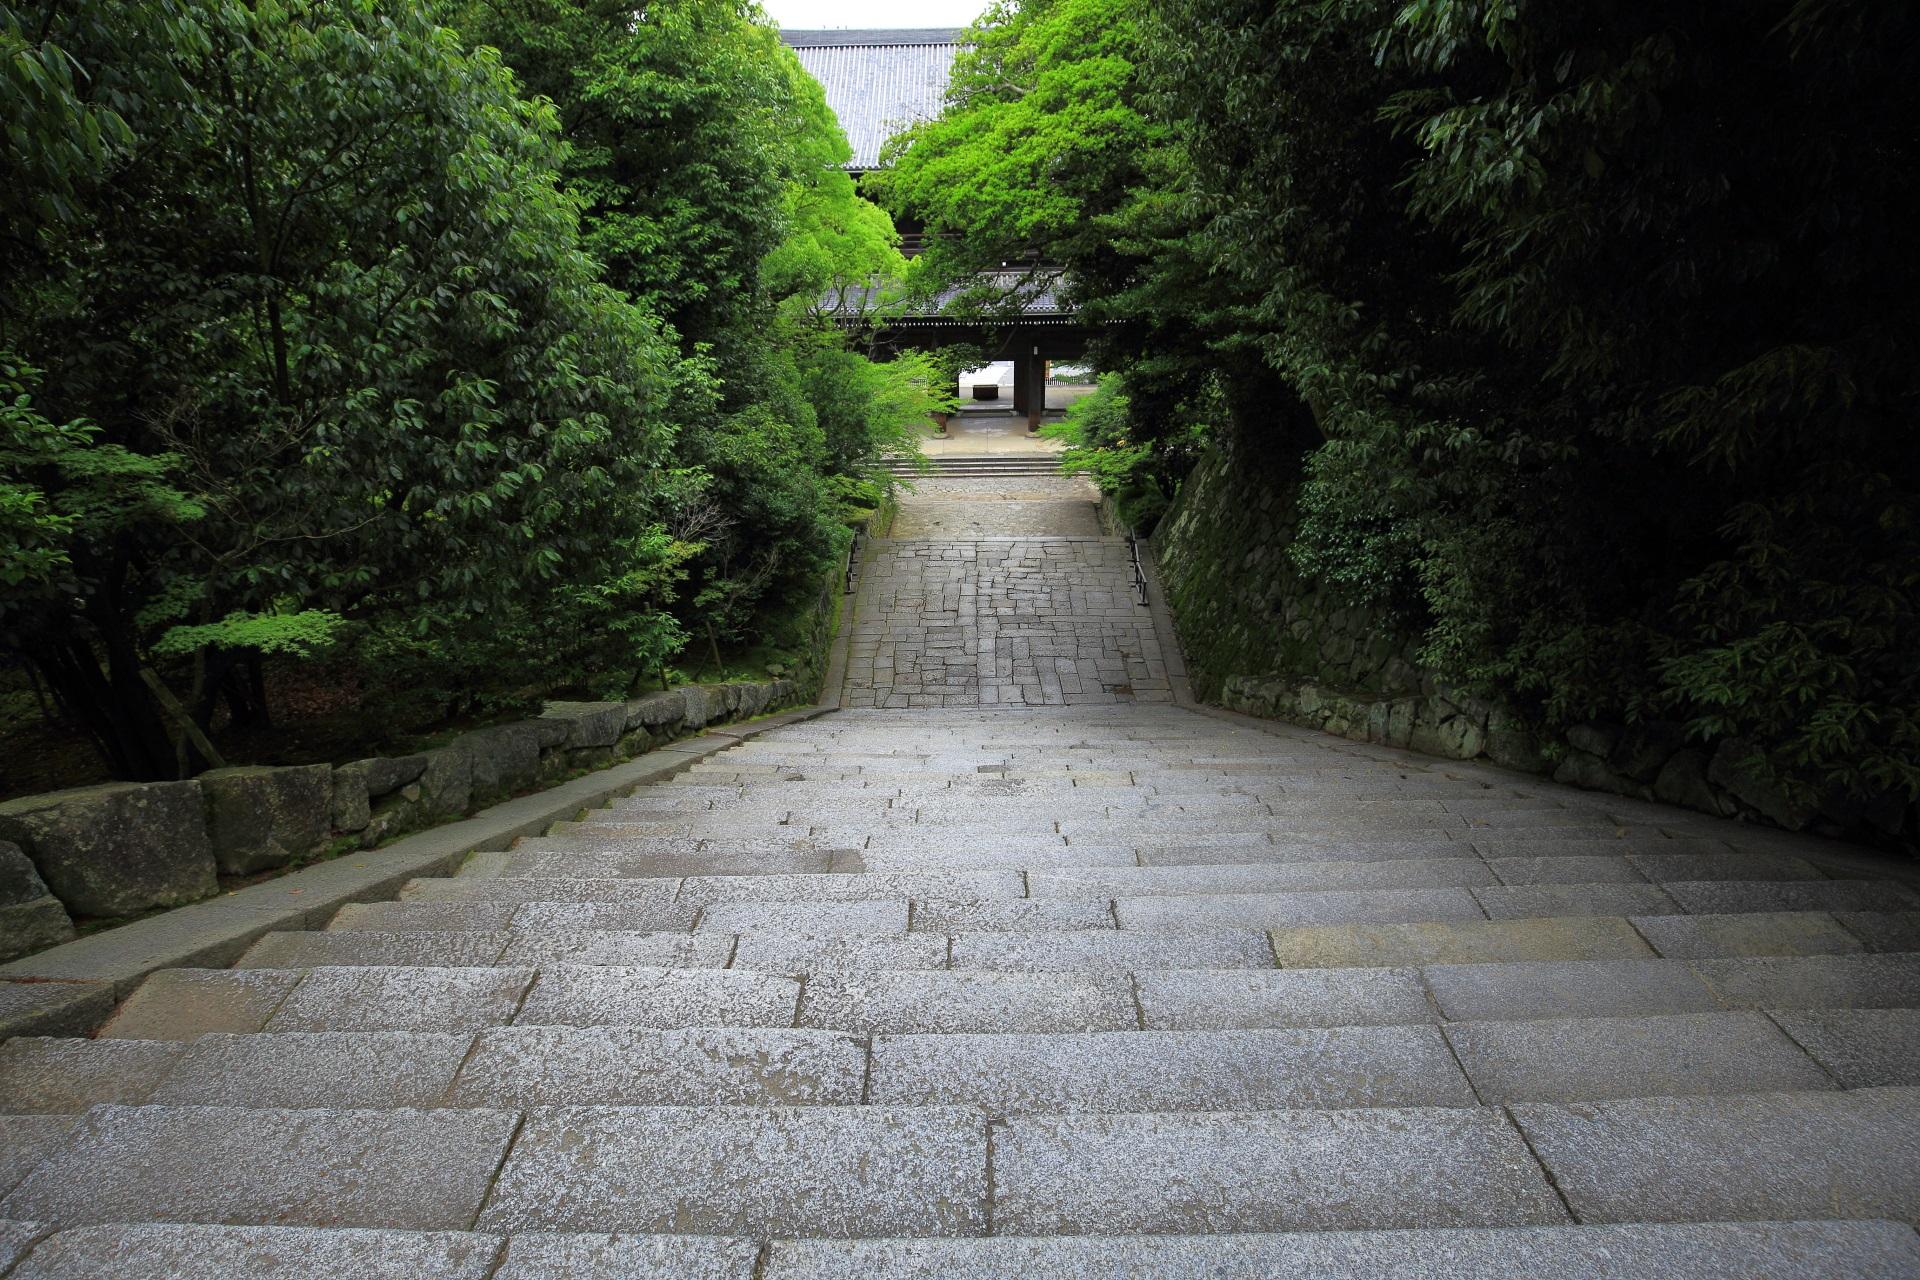 知恩院の男坂の上から眺めた三門と男坂